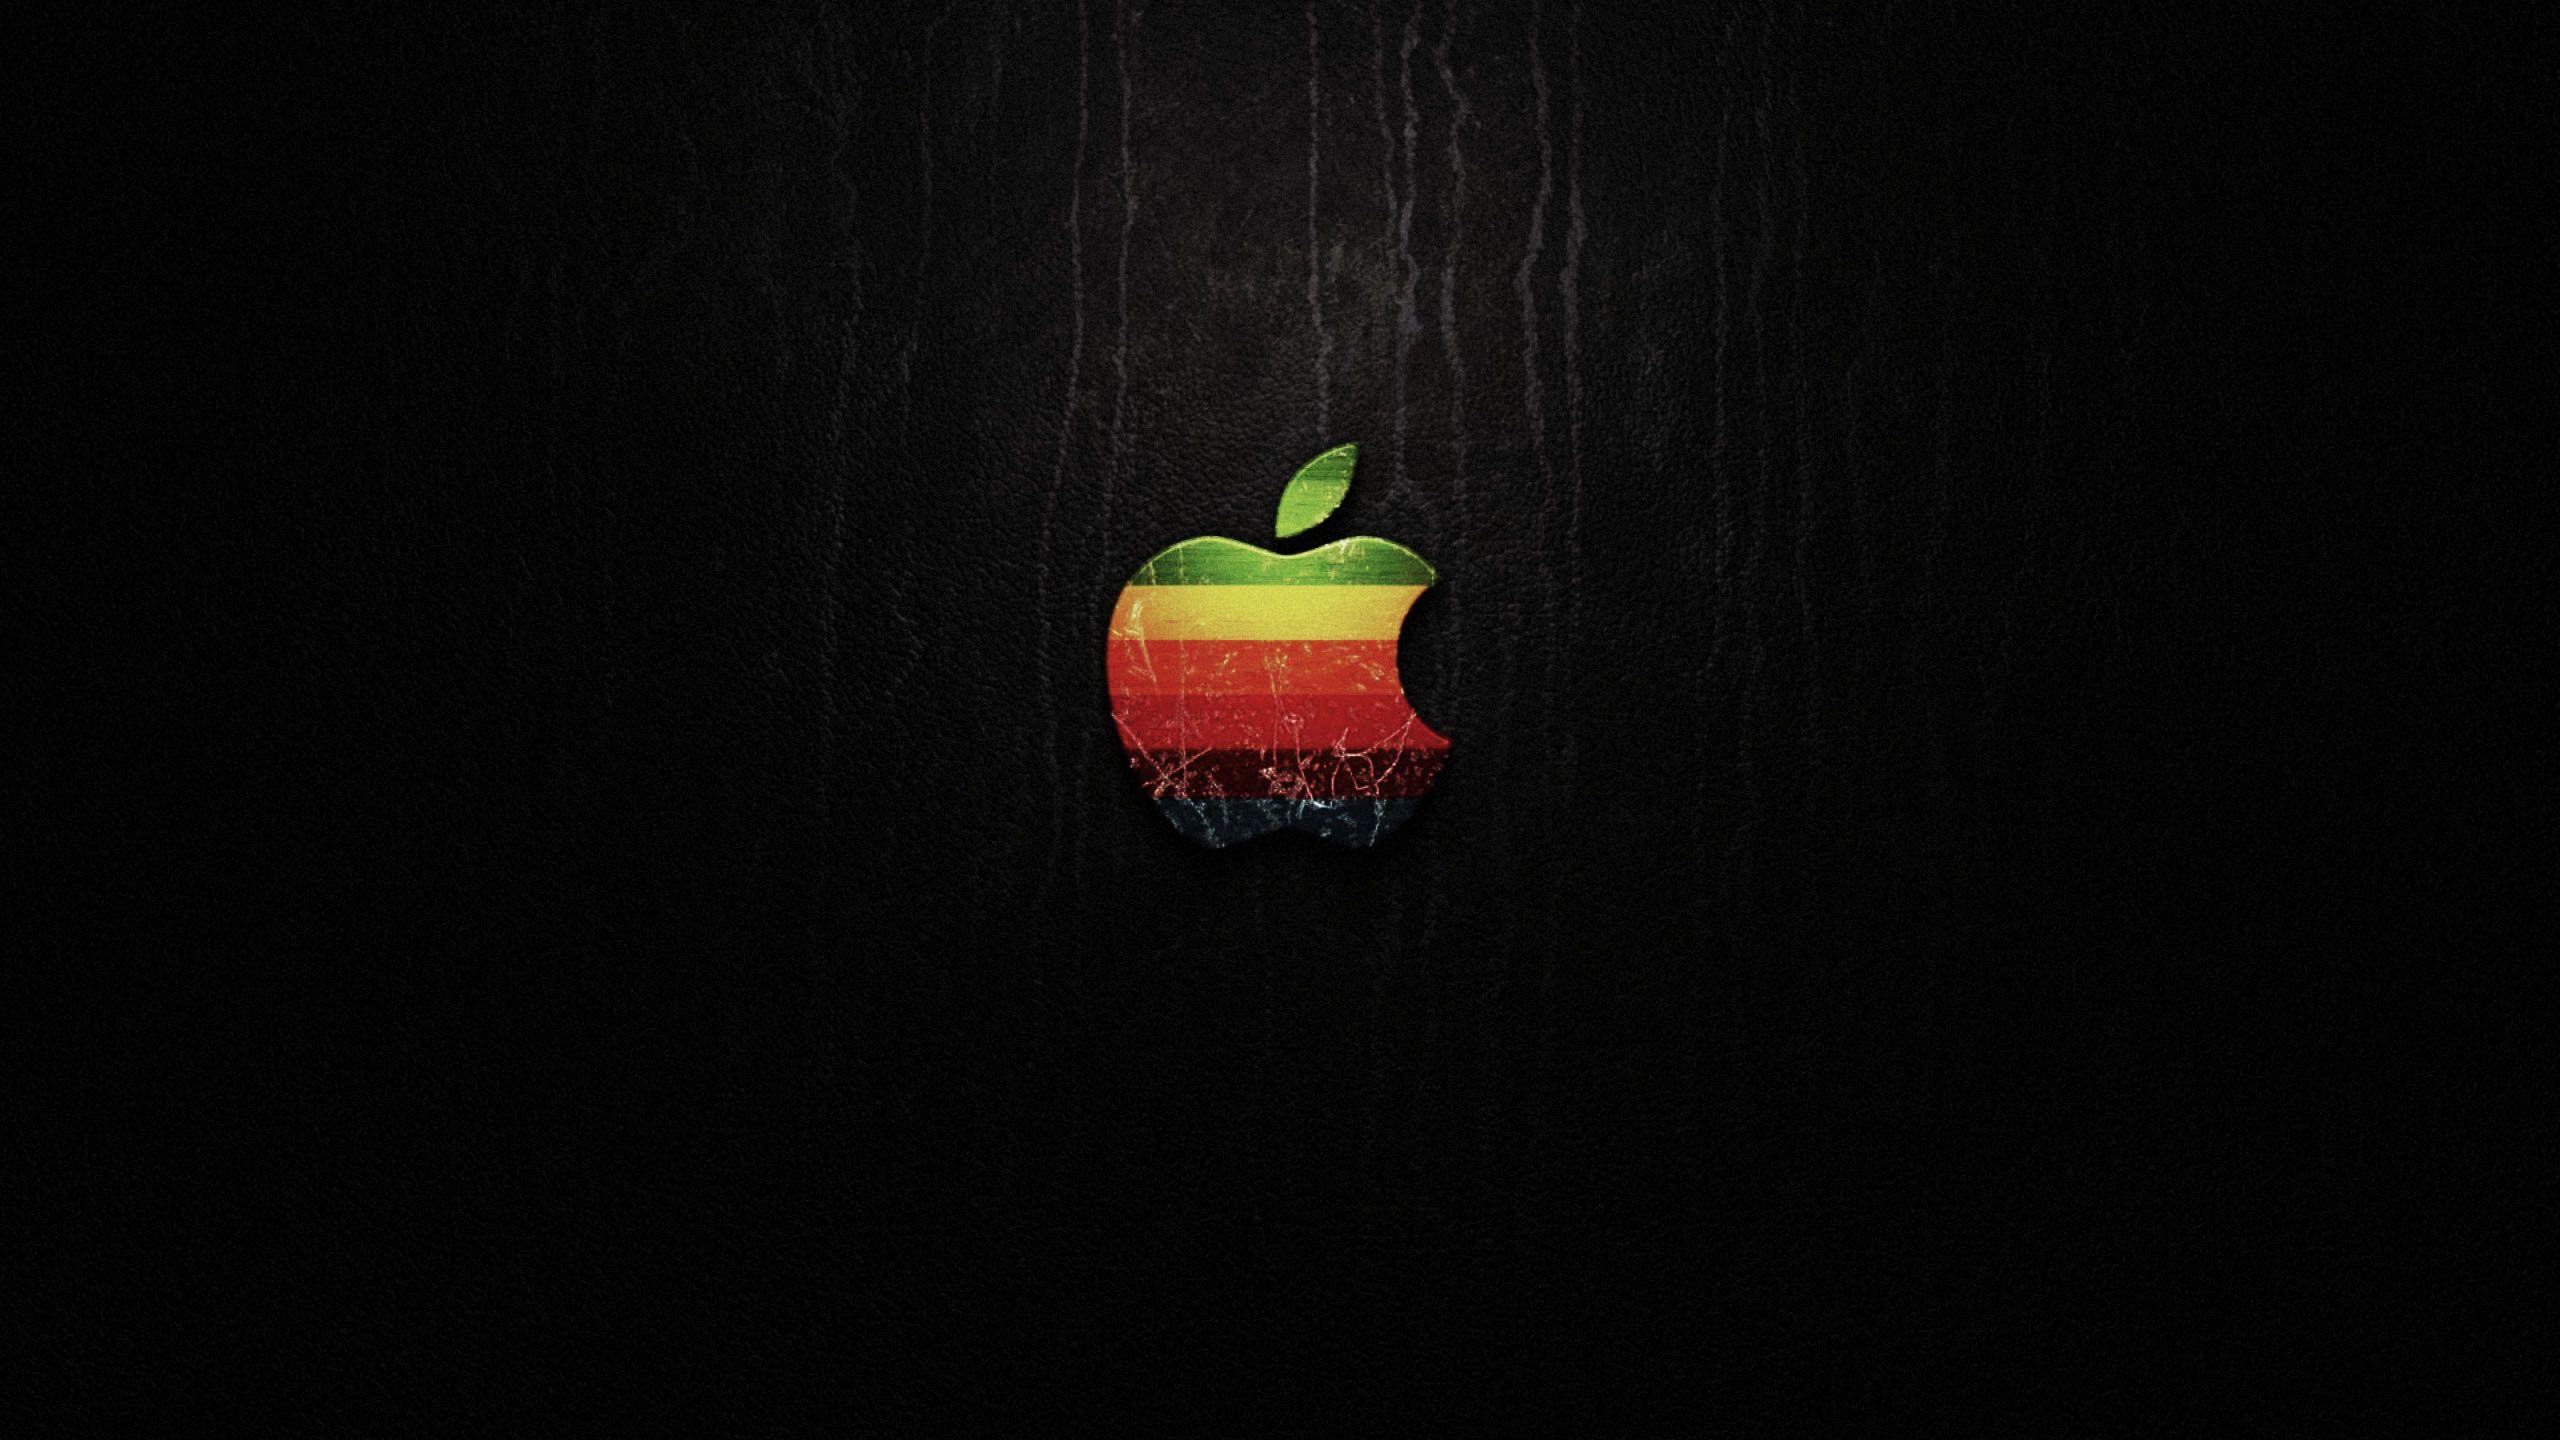 Wallpaper Dark Wallpaper Mac Logo Mac Apple Wallpapers